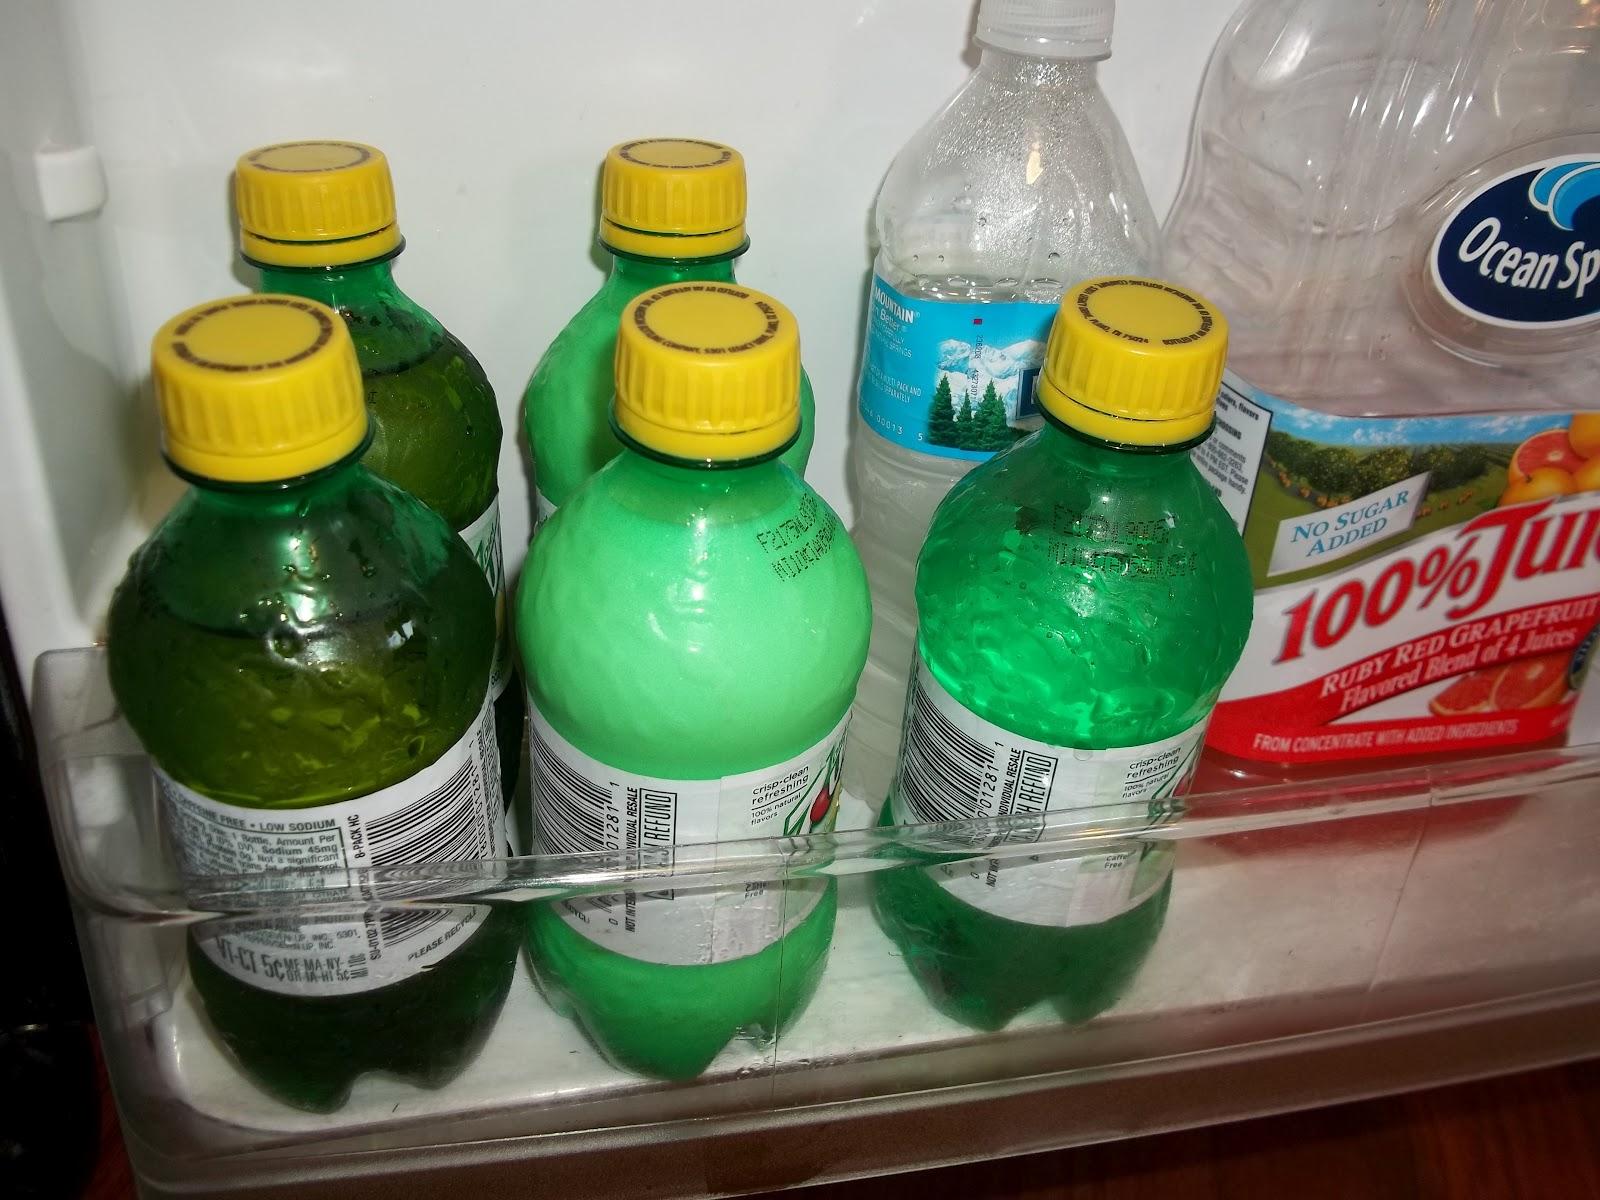 Top 10 Reasons to Hate Juice Packs Recycle Plastic Bottles Kids